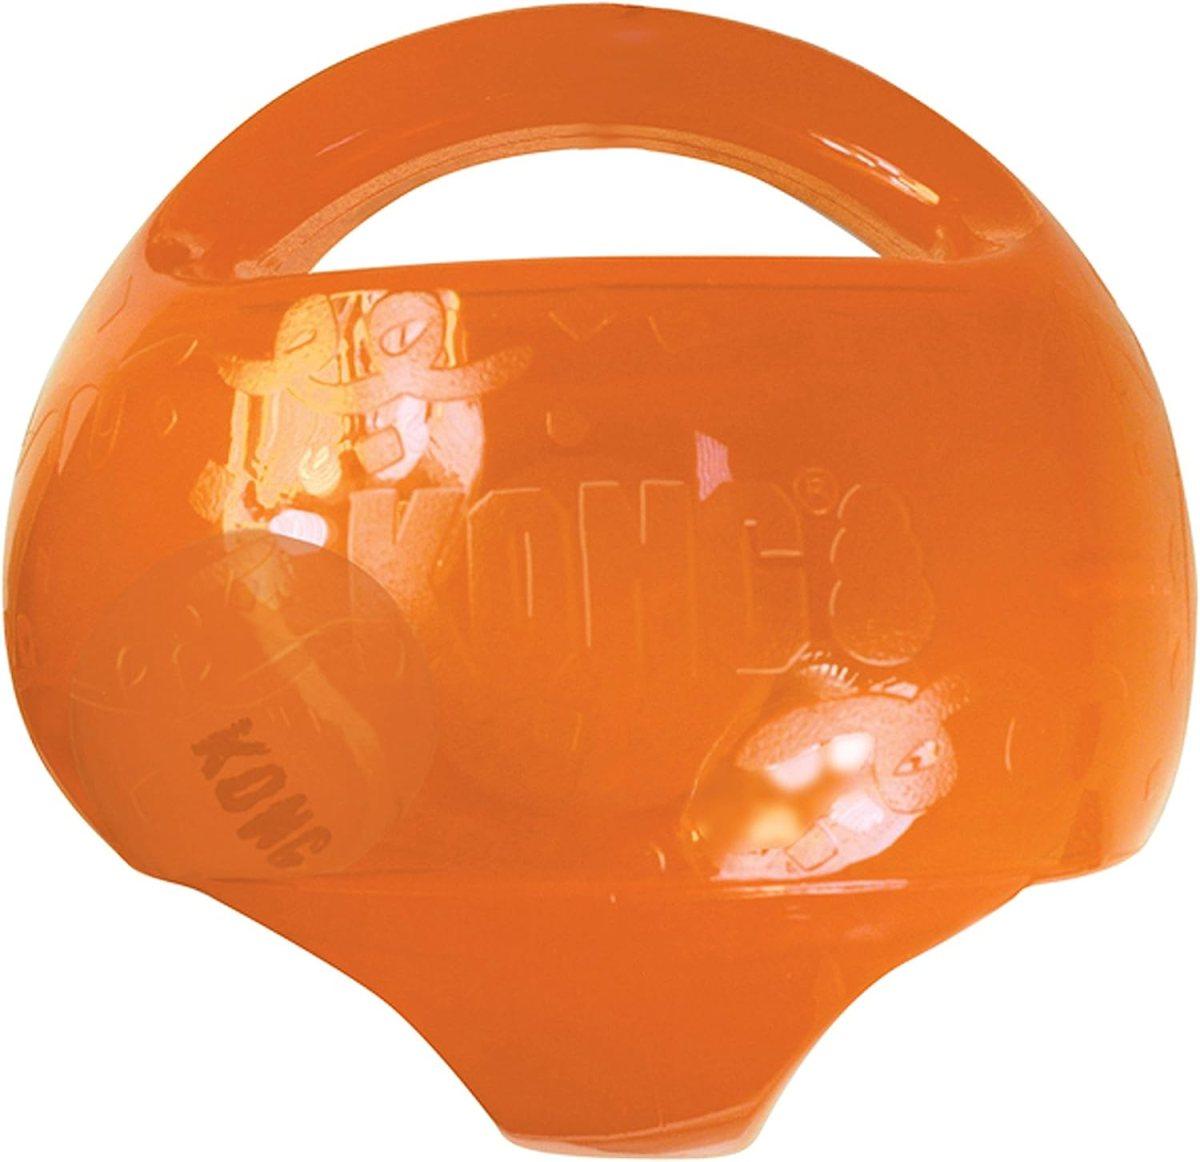 KONG - Jumbler™ Ball - Juguete con pelota de tenis - Raza mediana/grande (varios colores)